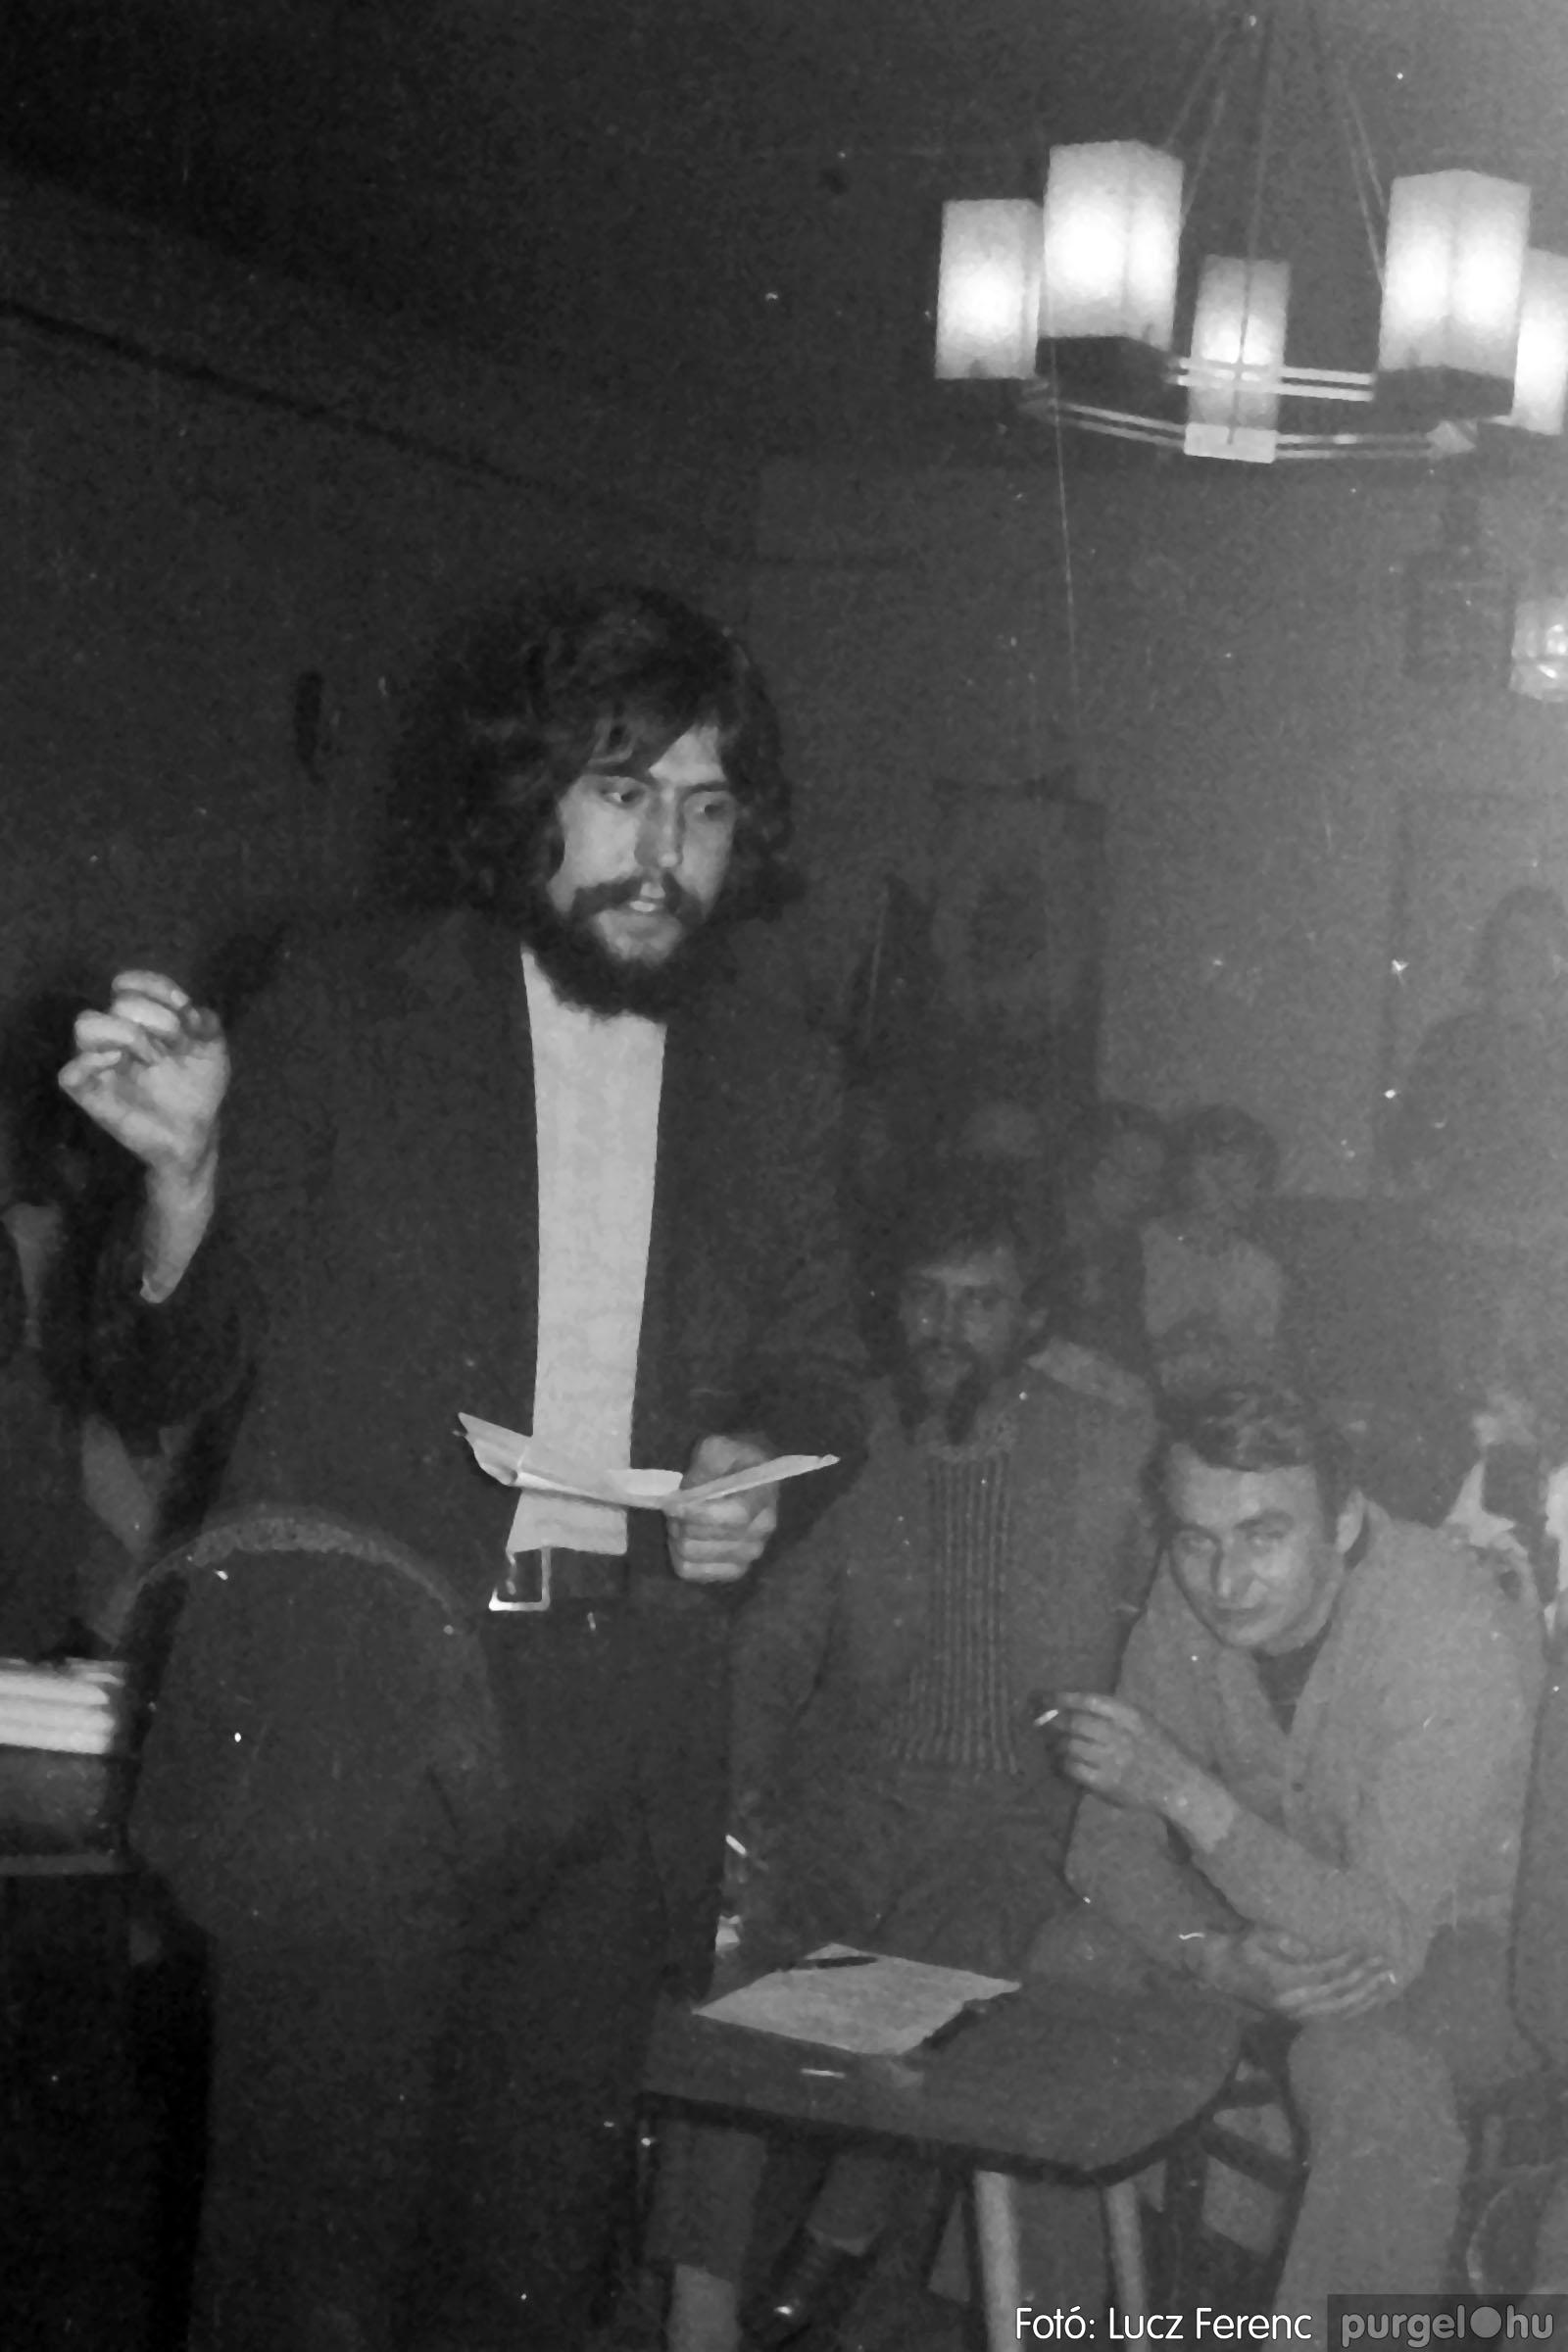 018-019 1975. Élet a kultúrházban 018 - Fotó: Lucz Ferenc IMG00060q.jpg